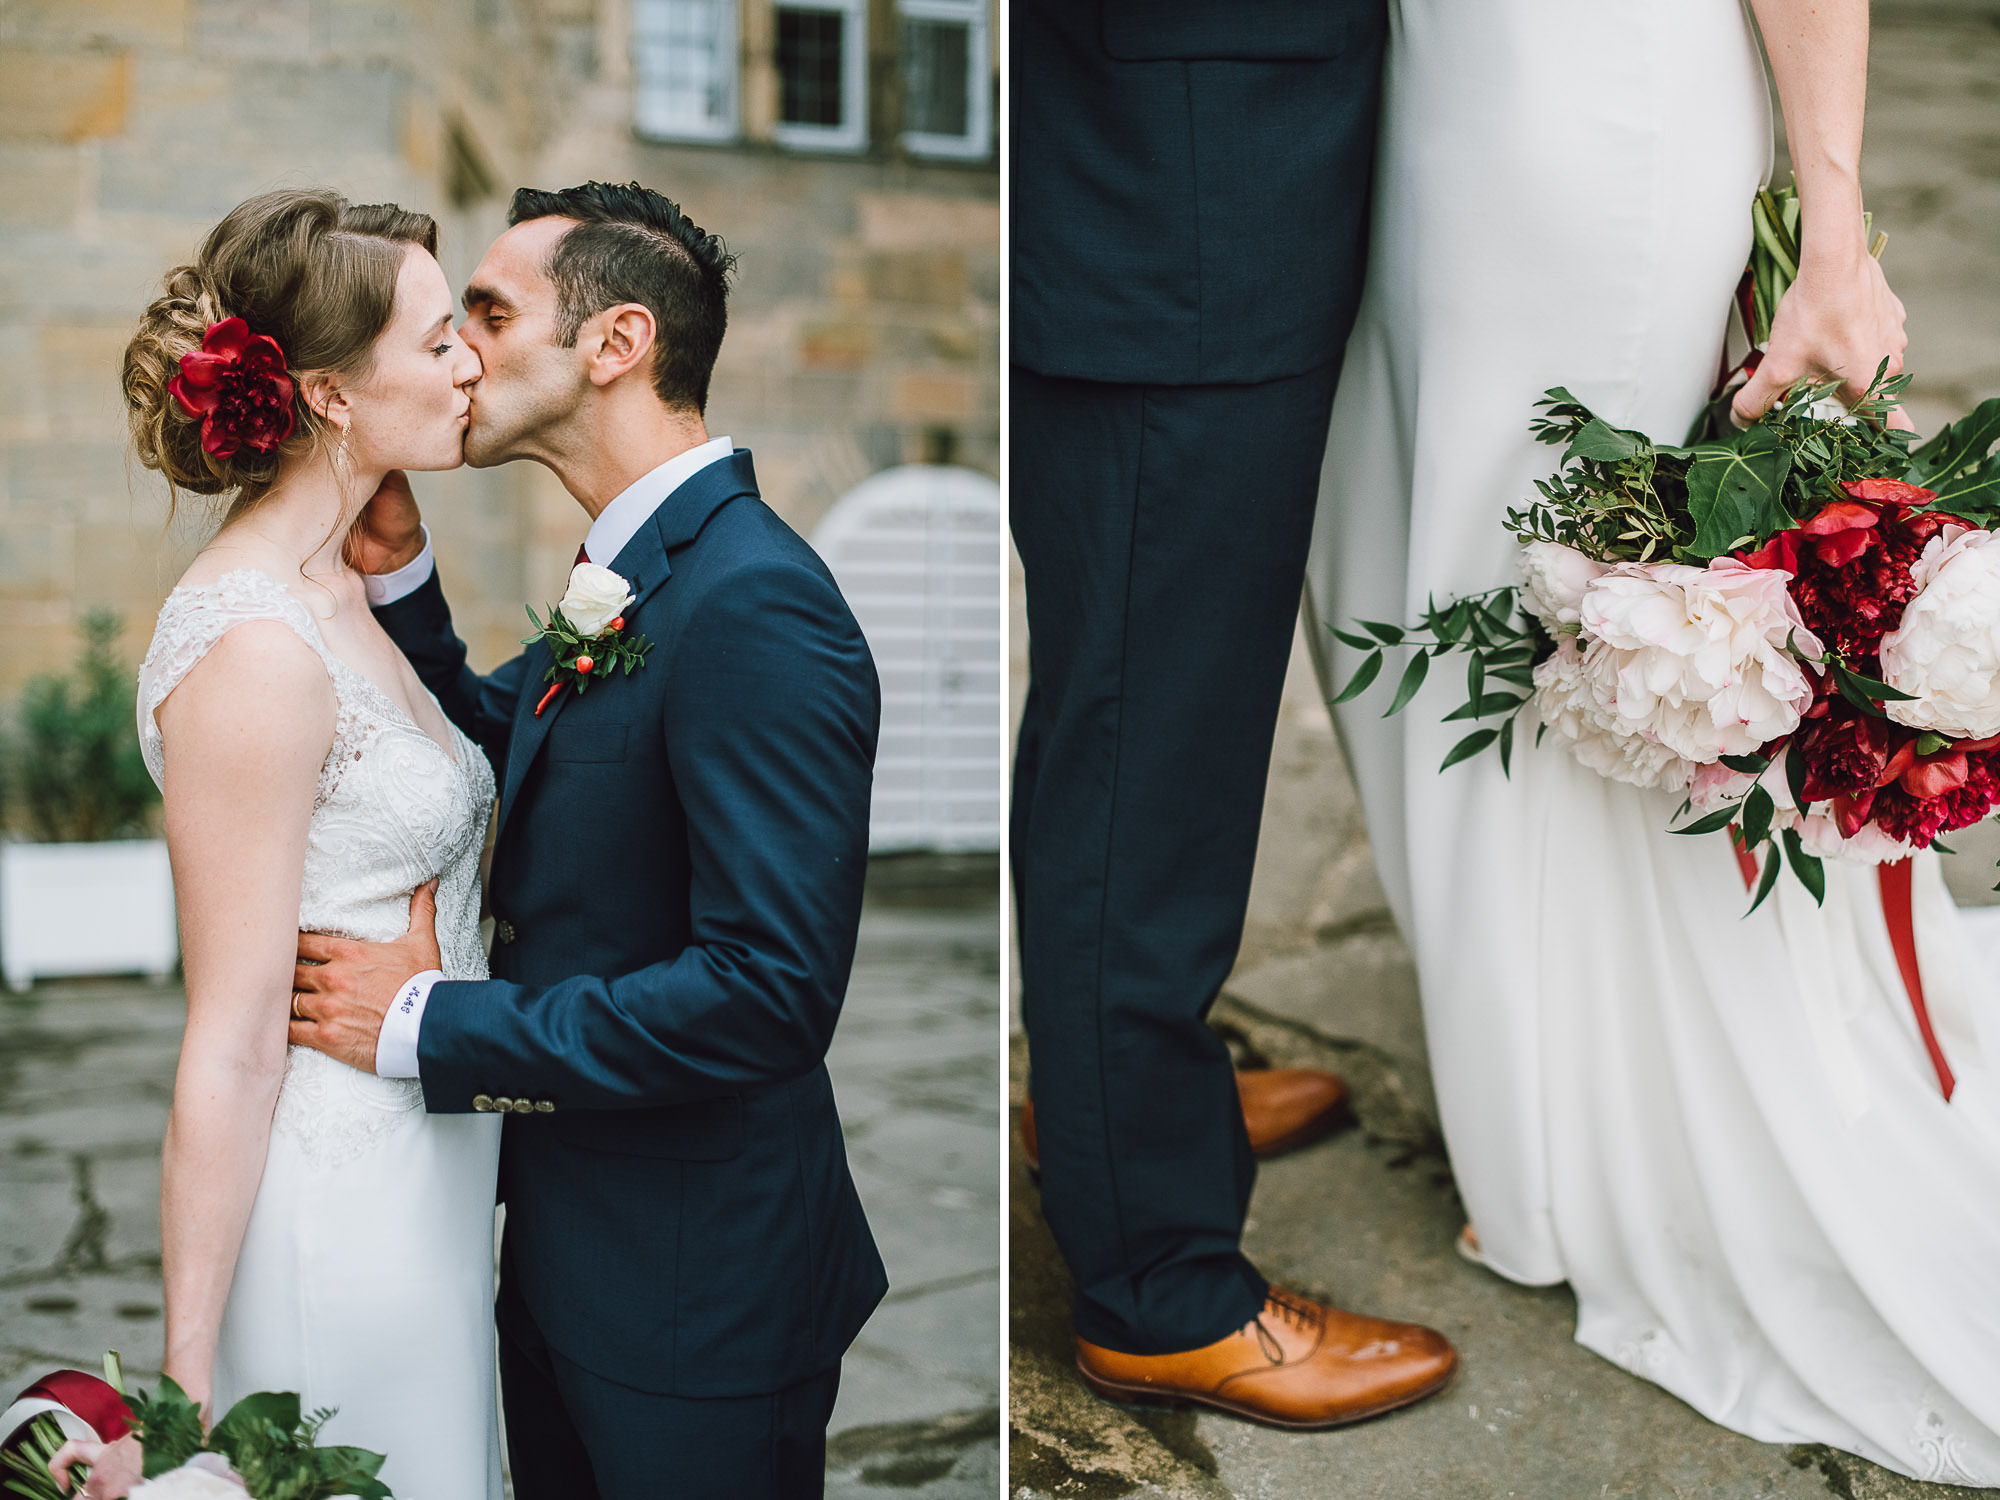 rustic-elegant-wedding-schloss-hochzeit-eyrichshof-franken-bamberg-104